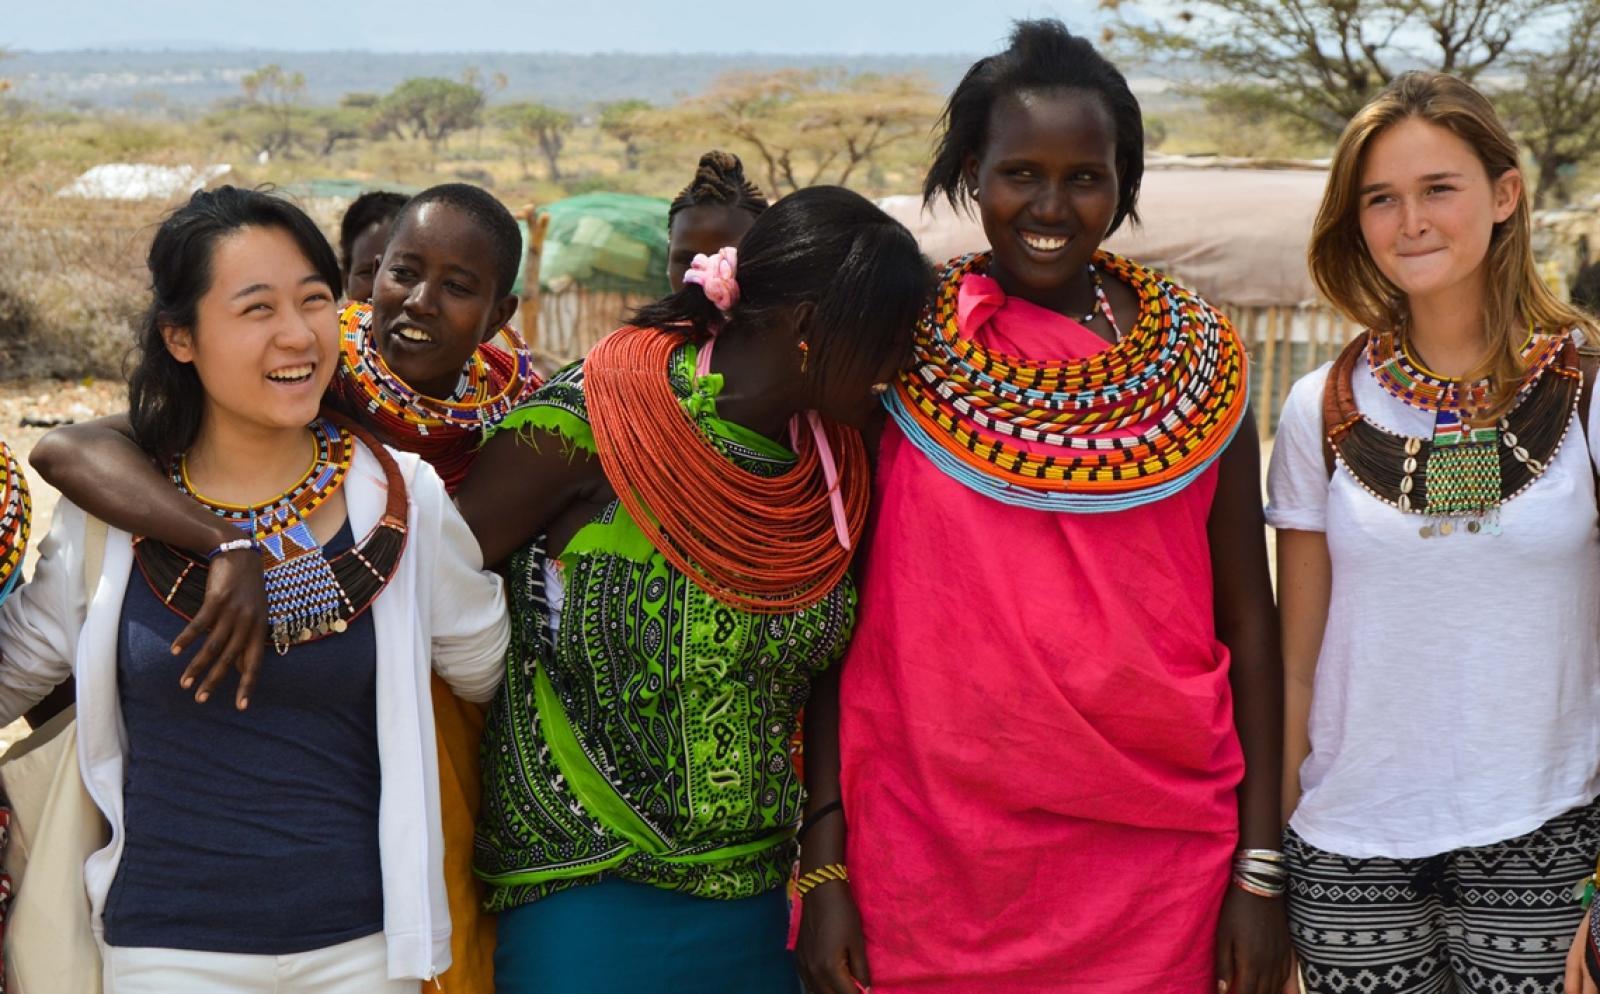 アフリカの発展途上国で異文化交流を楽しむボランティアたち